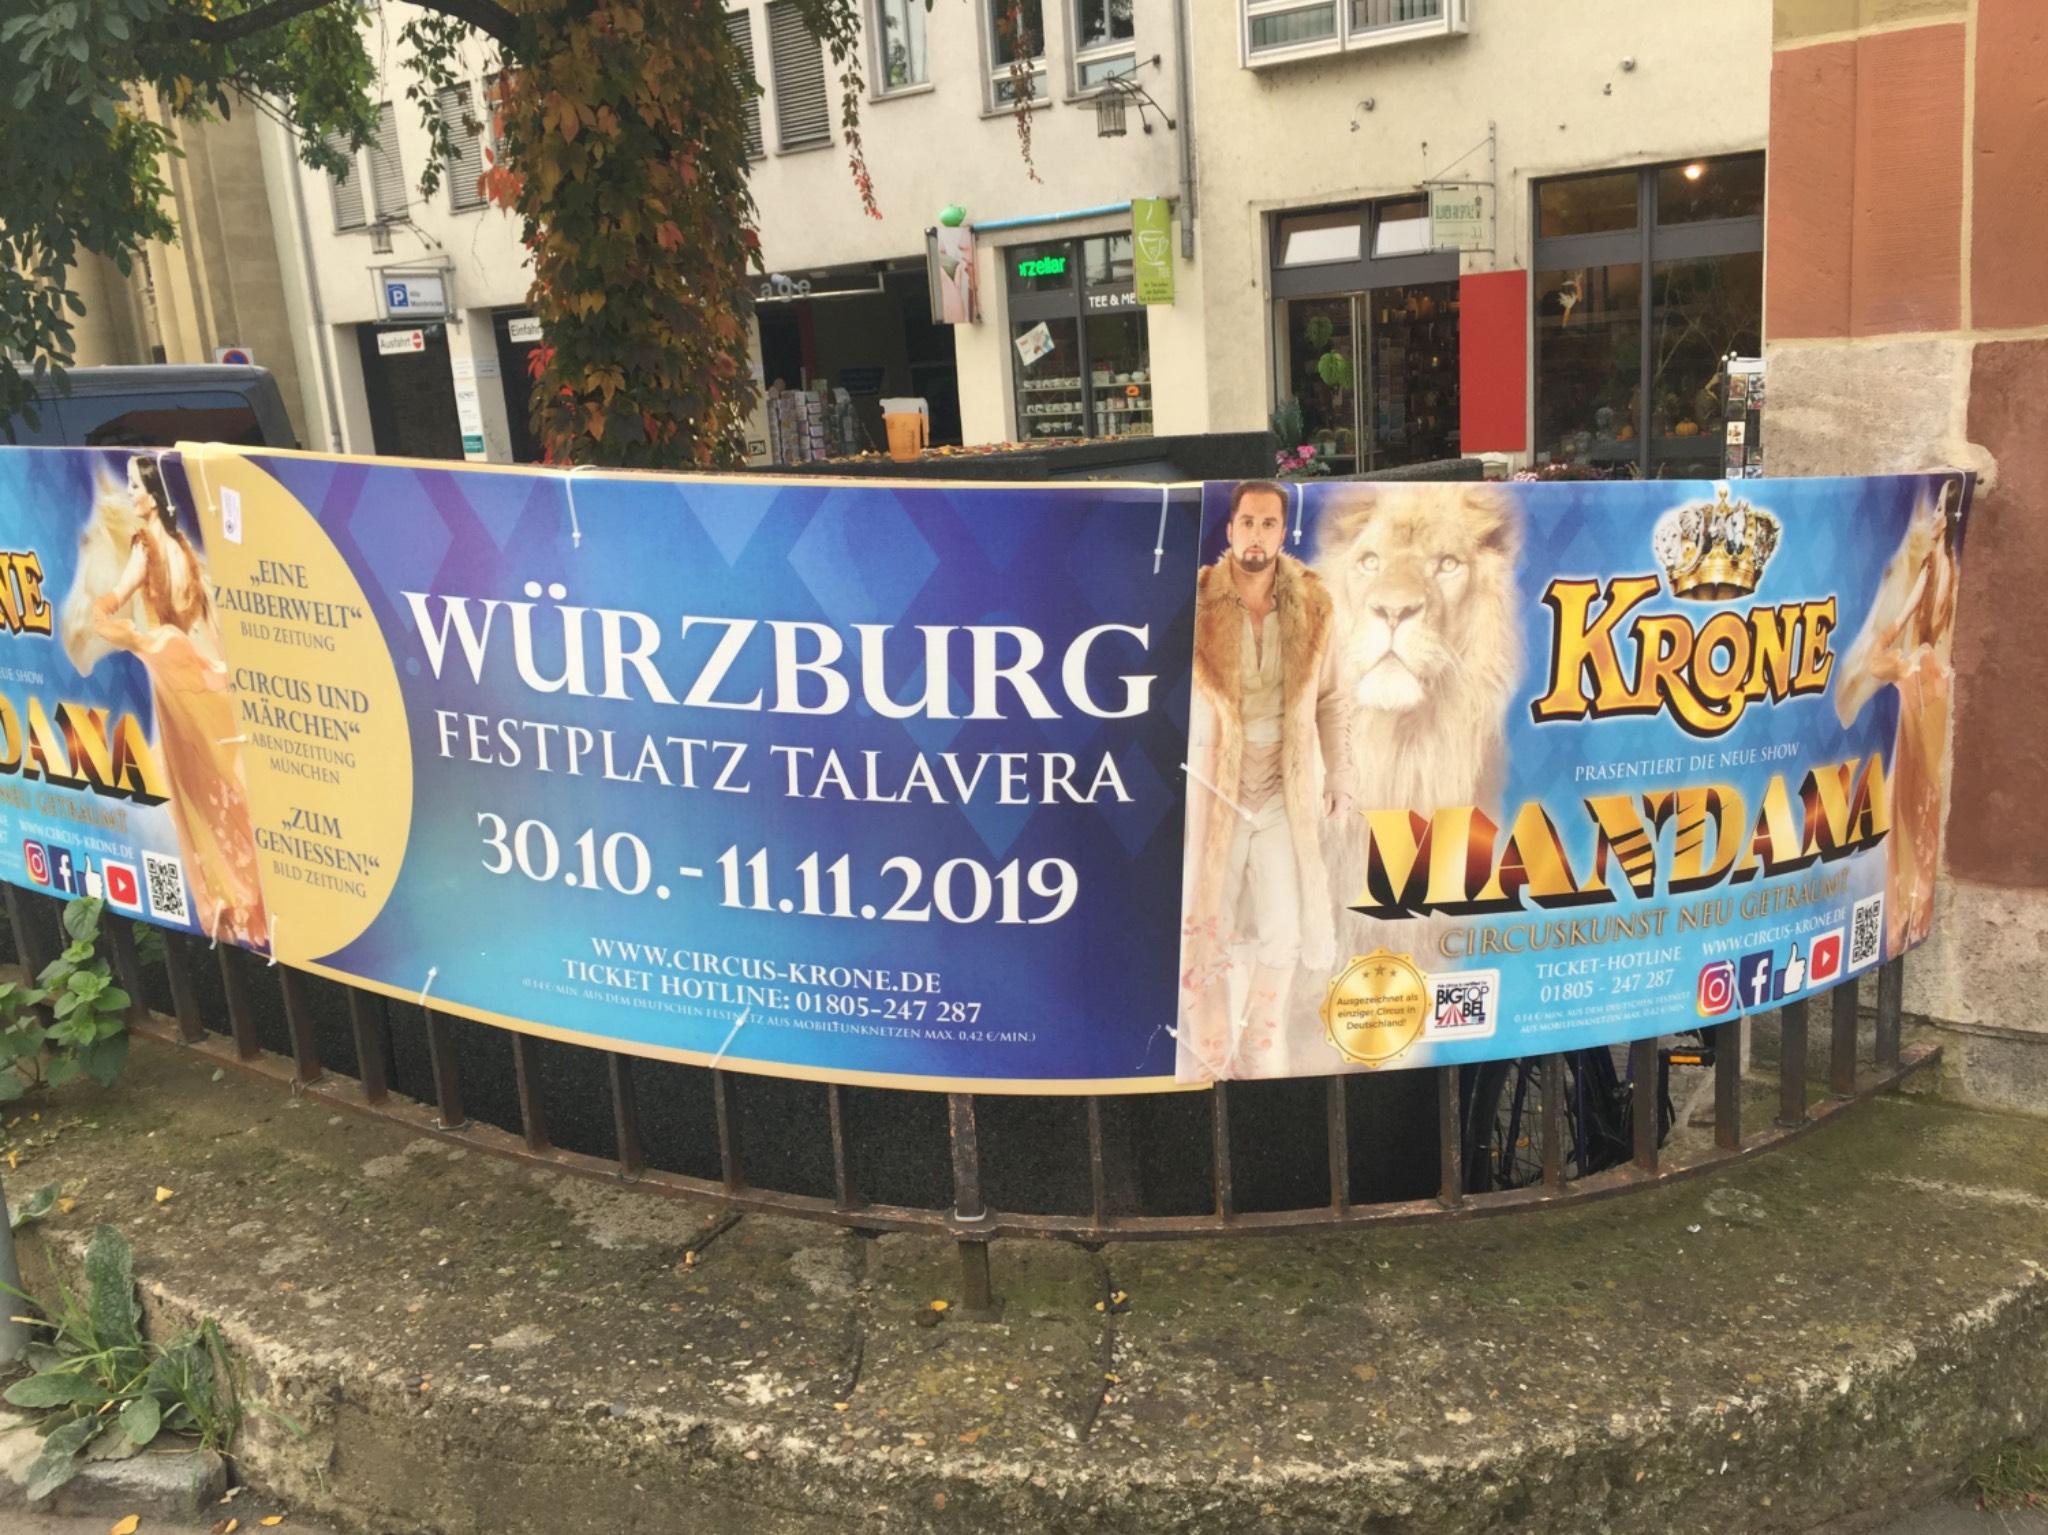 Circus Krone gastiert auf der Talavera in Würzburg. Foto: Katharina Kraus